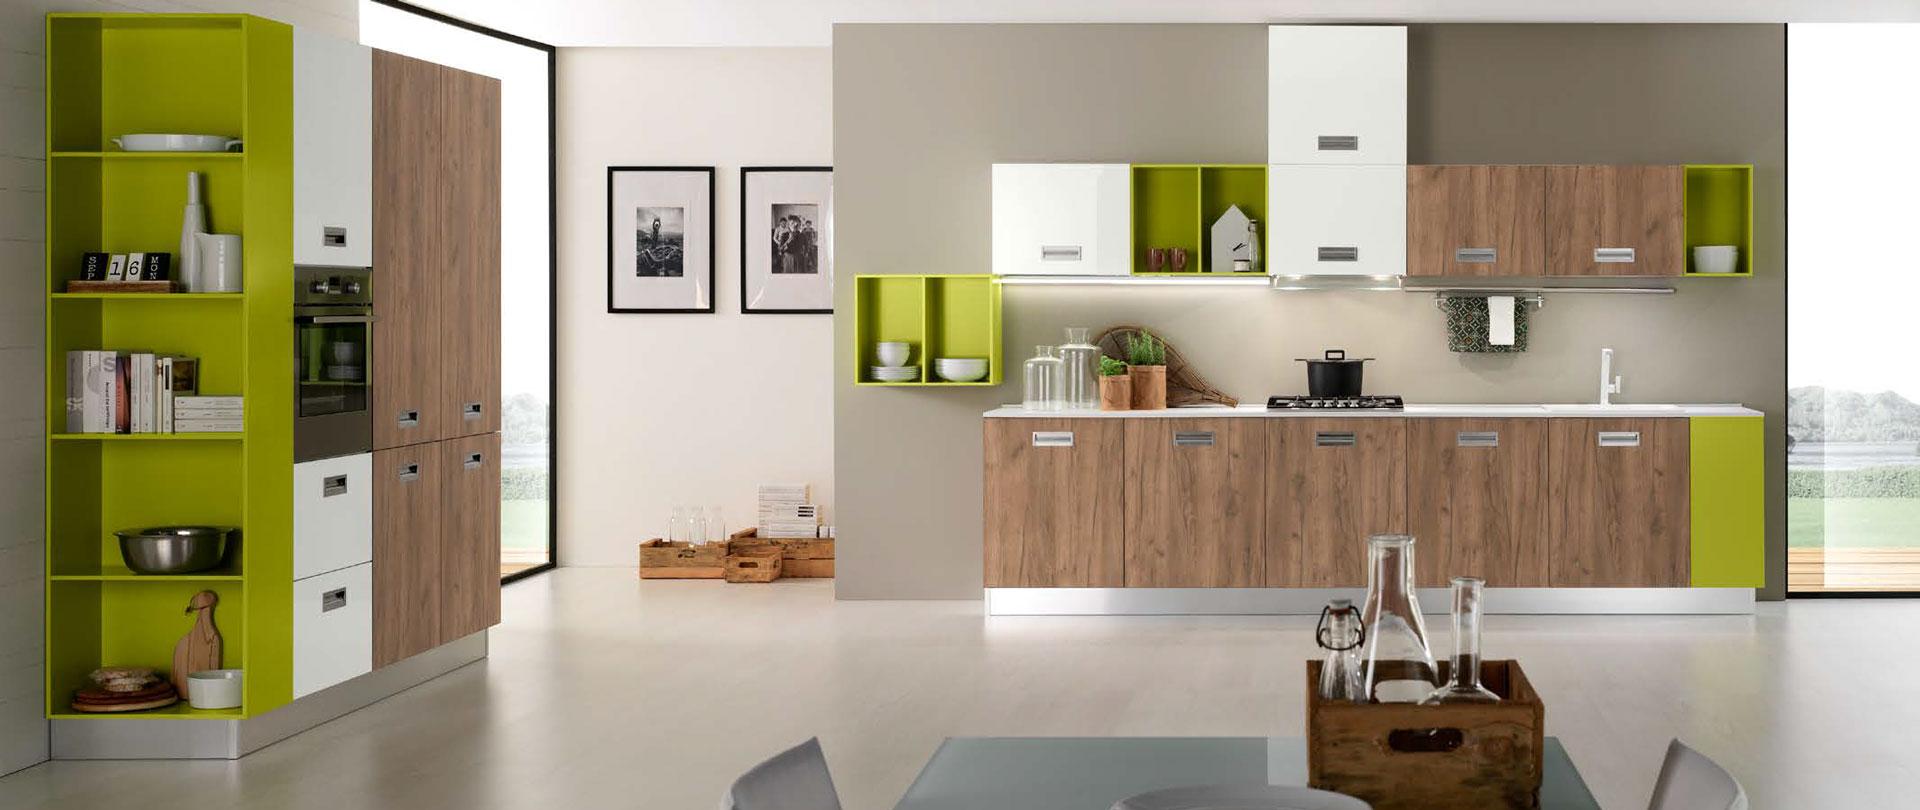 ▷ Cucine Moderne Cagliari | Arredi 2000 Cucine Moderne Sardegna